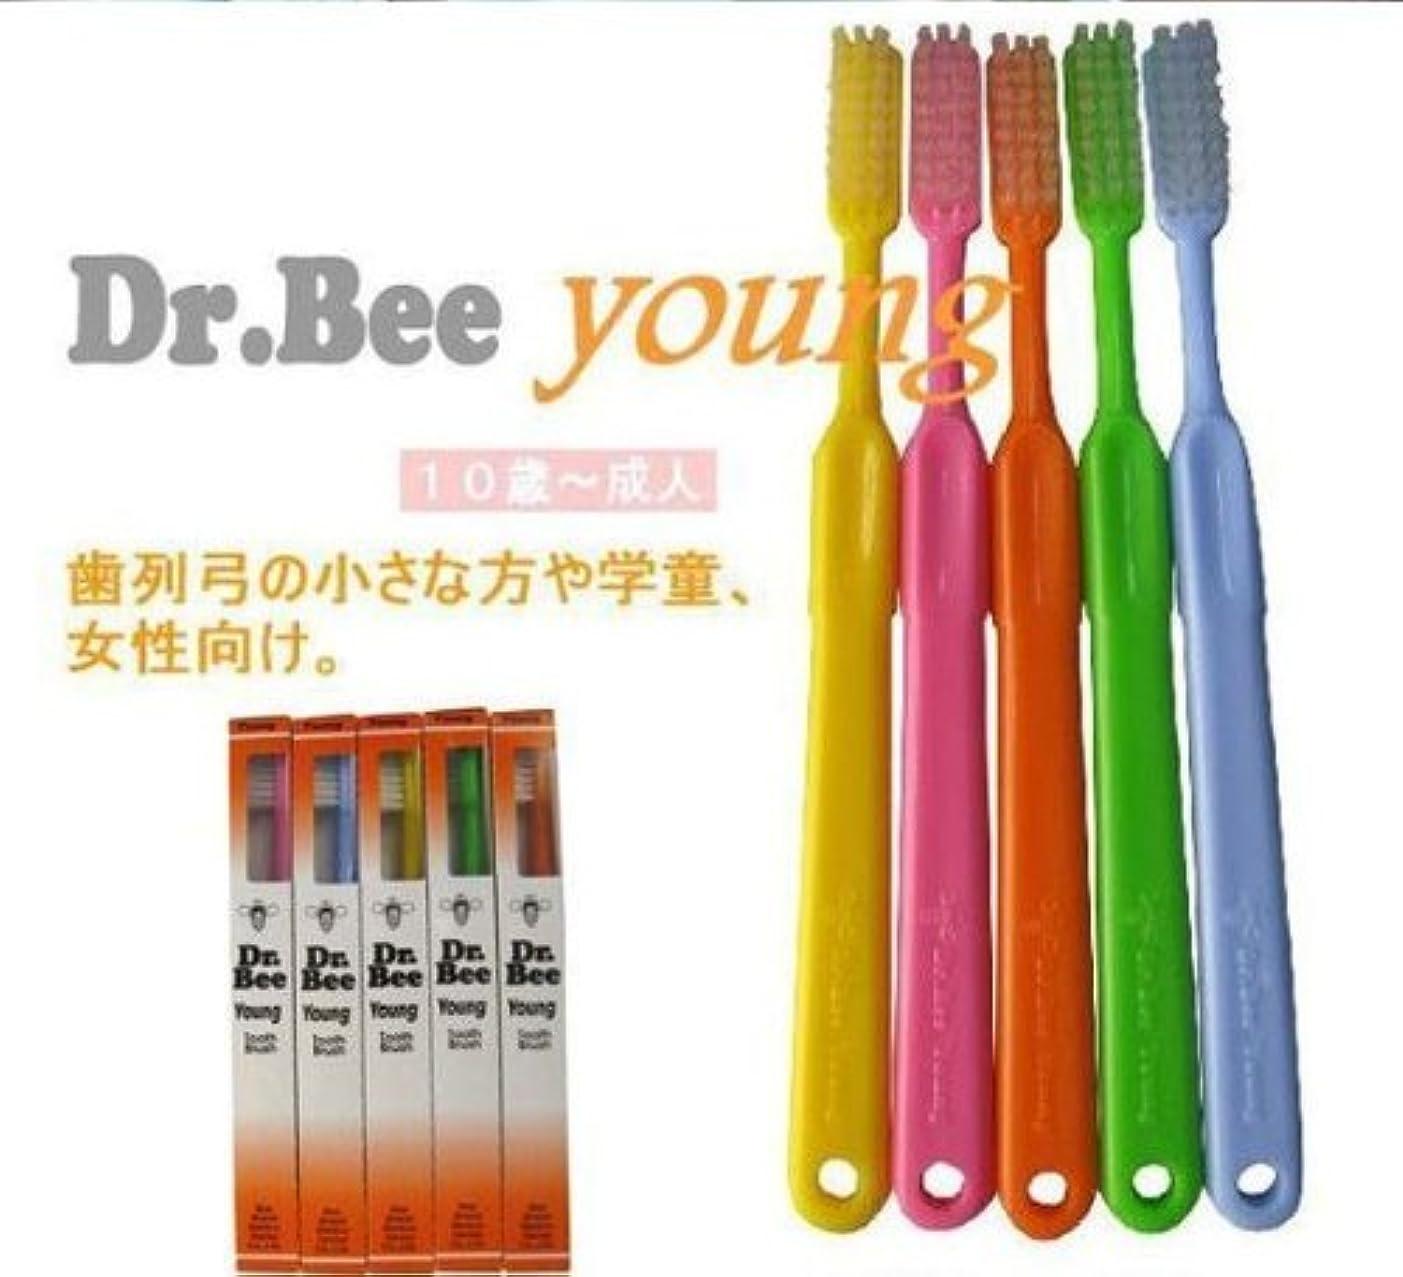 レイプ静脈コンパニオンBeeBrand Dr.BEE 歯ブラシヤング かため